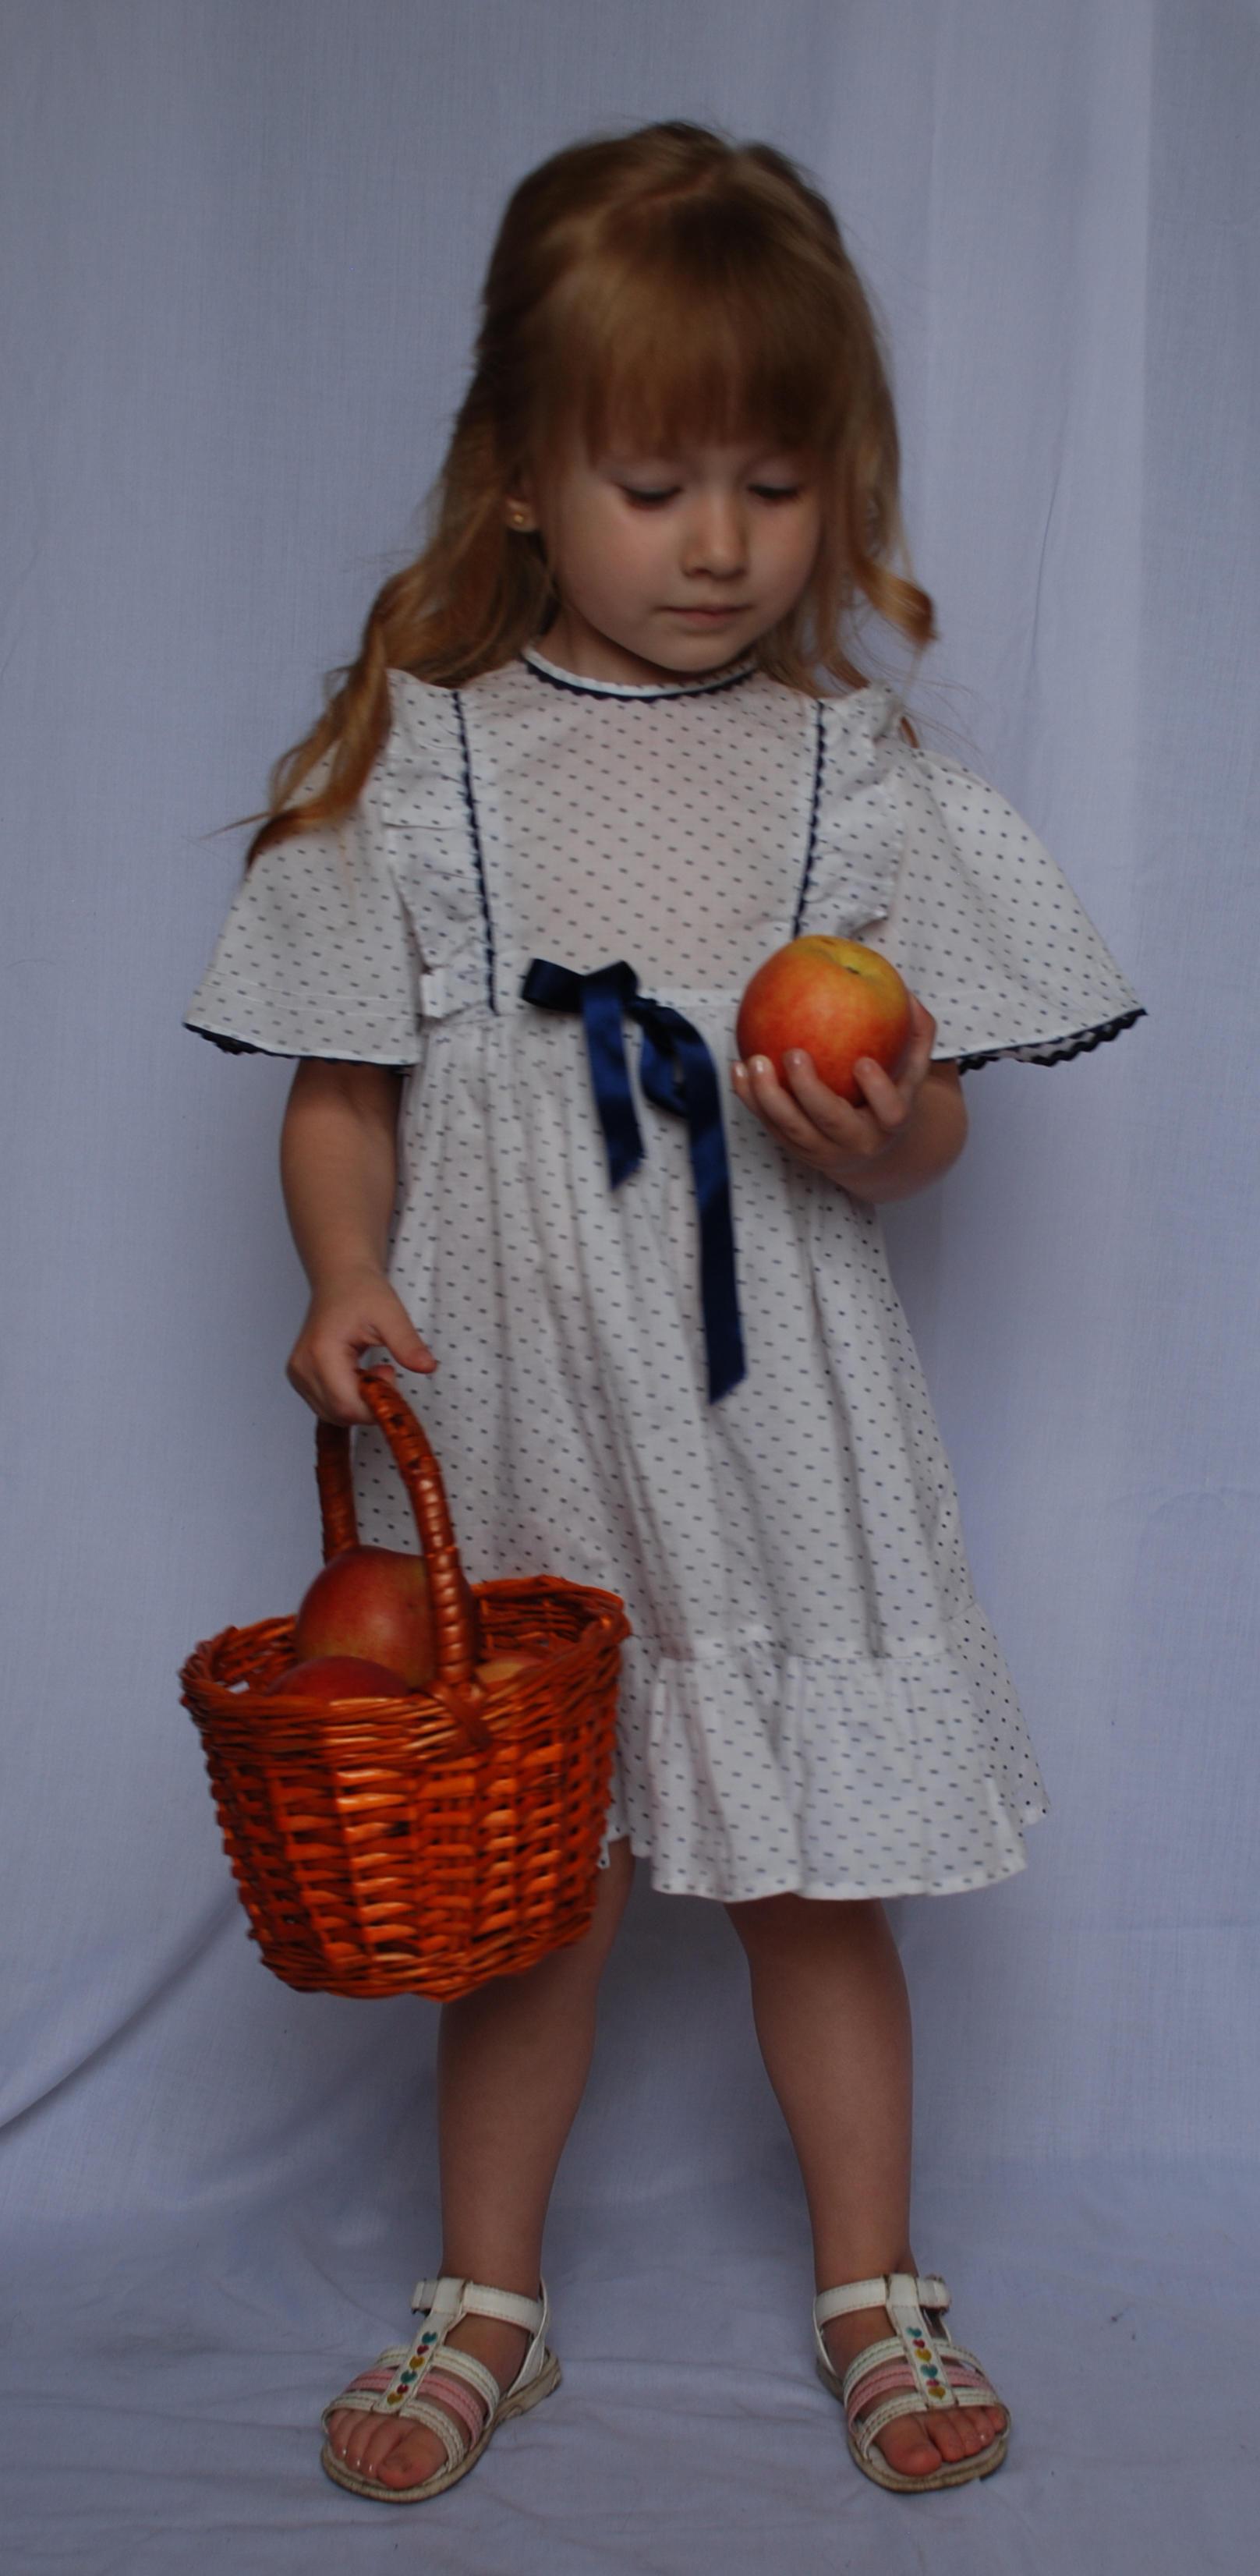 The apples_11 by anastasiya-landa